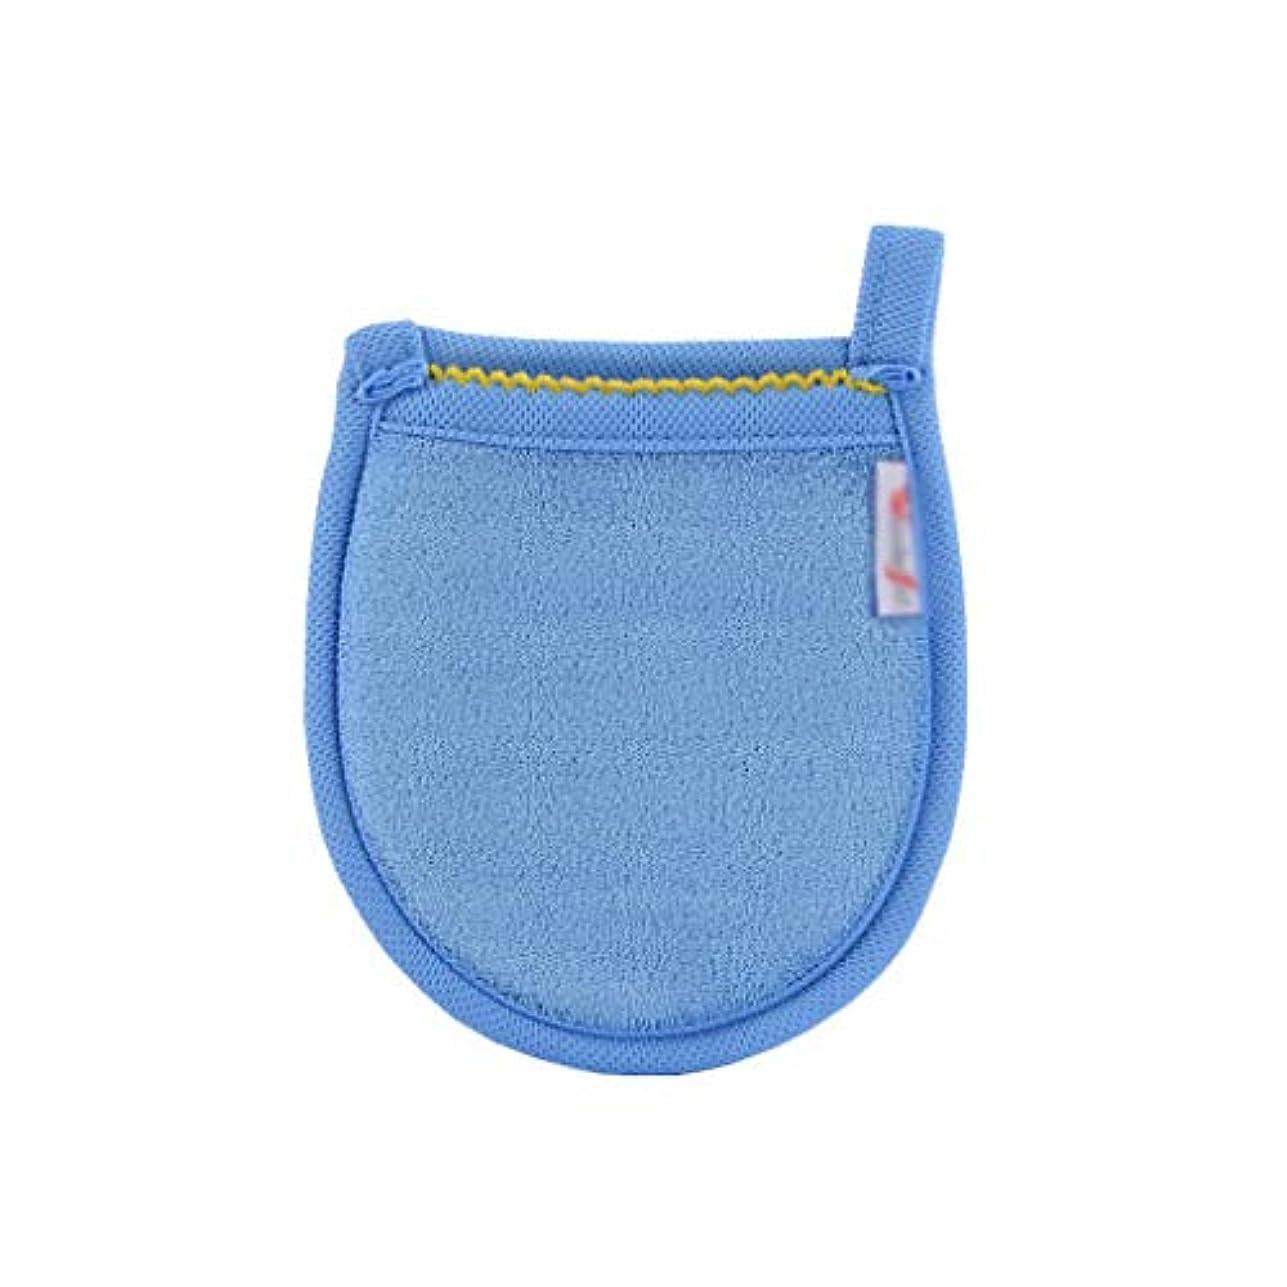 販売員チャネル累積クレンジングシート 1ピースフェイスタオルメイクアップ - リムーバークレンジンググローブ再利用可能なマイクロファイバー女性フェイシャルクロス5色 落ち水クレンジング シート モイスト (Color : Blue)